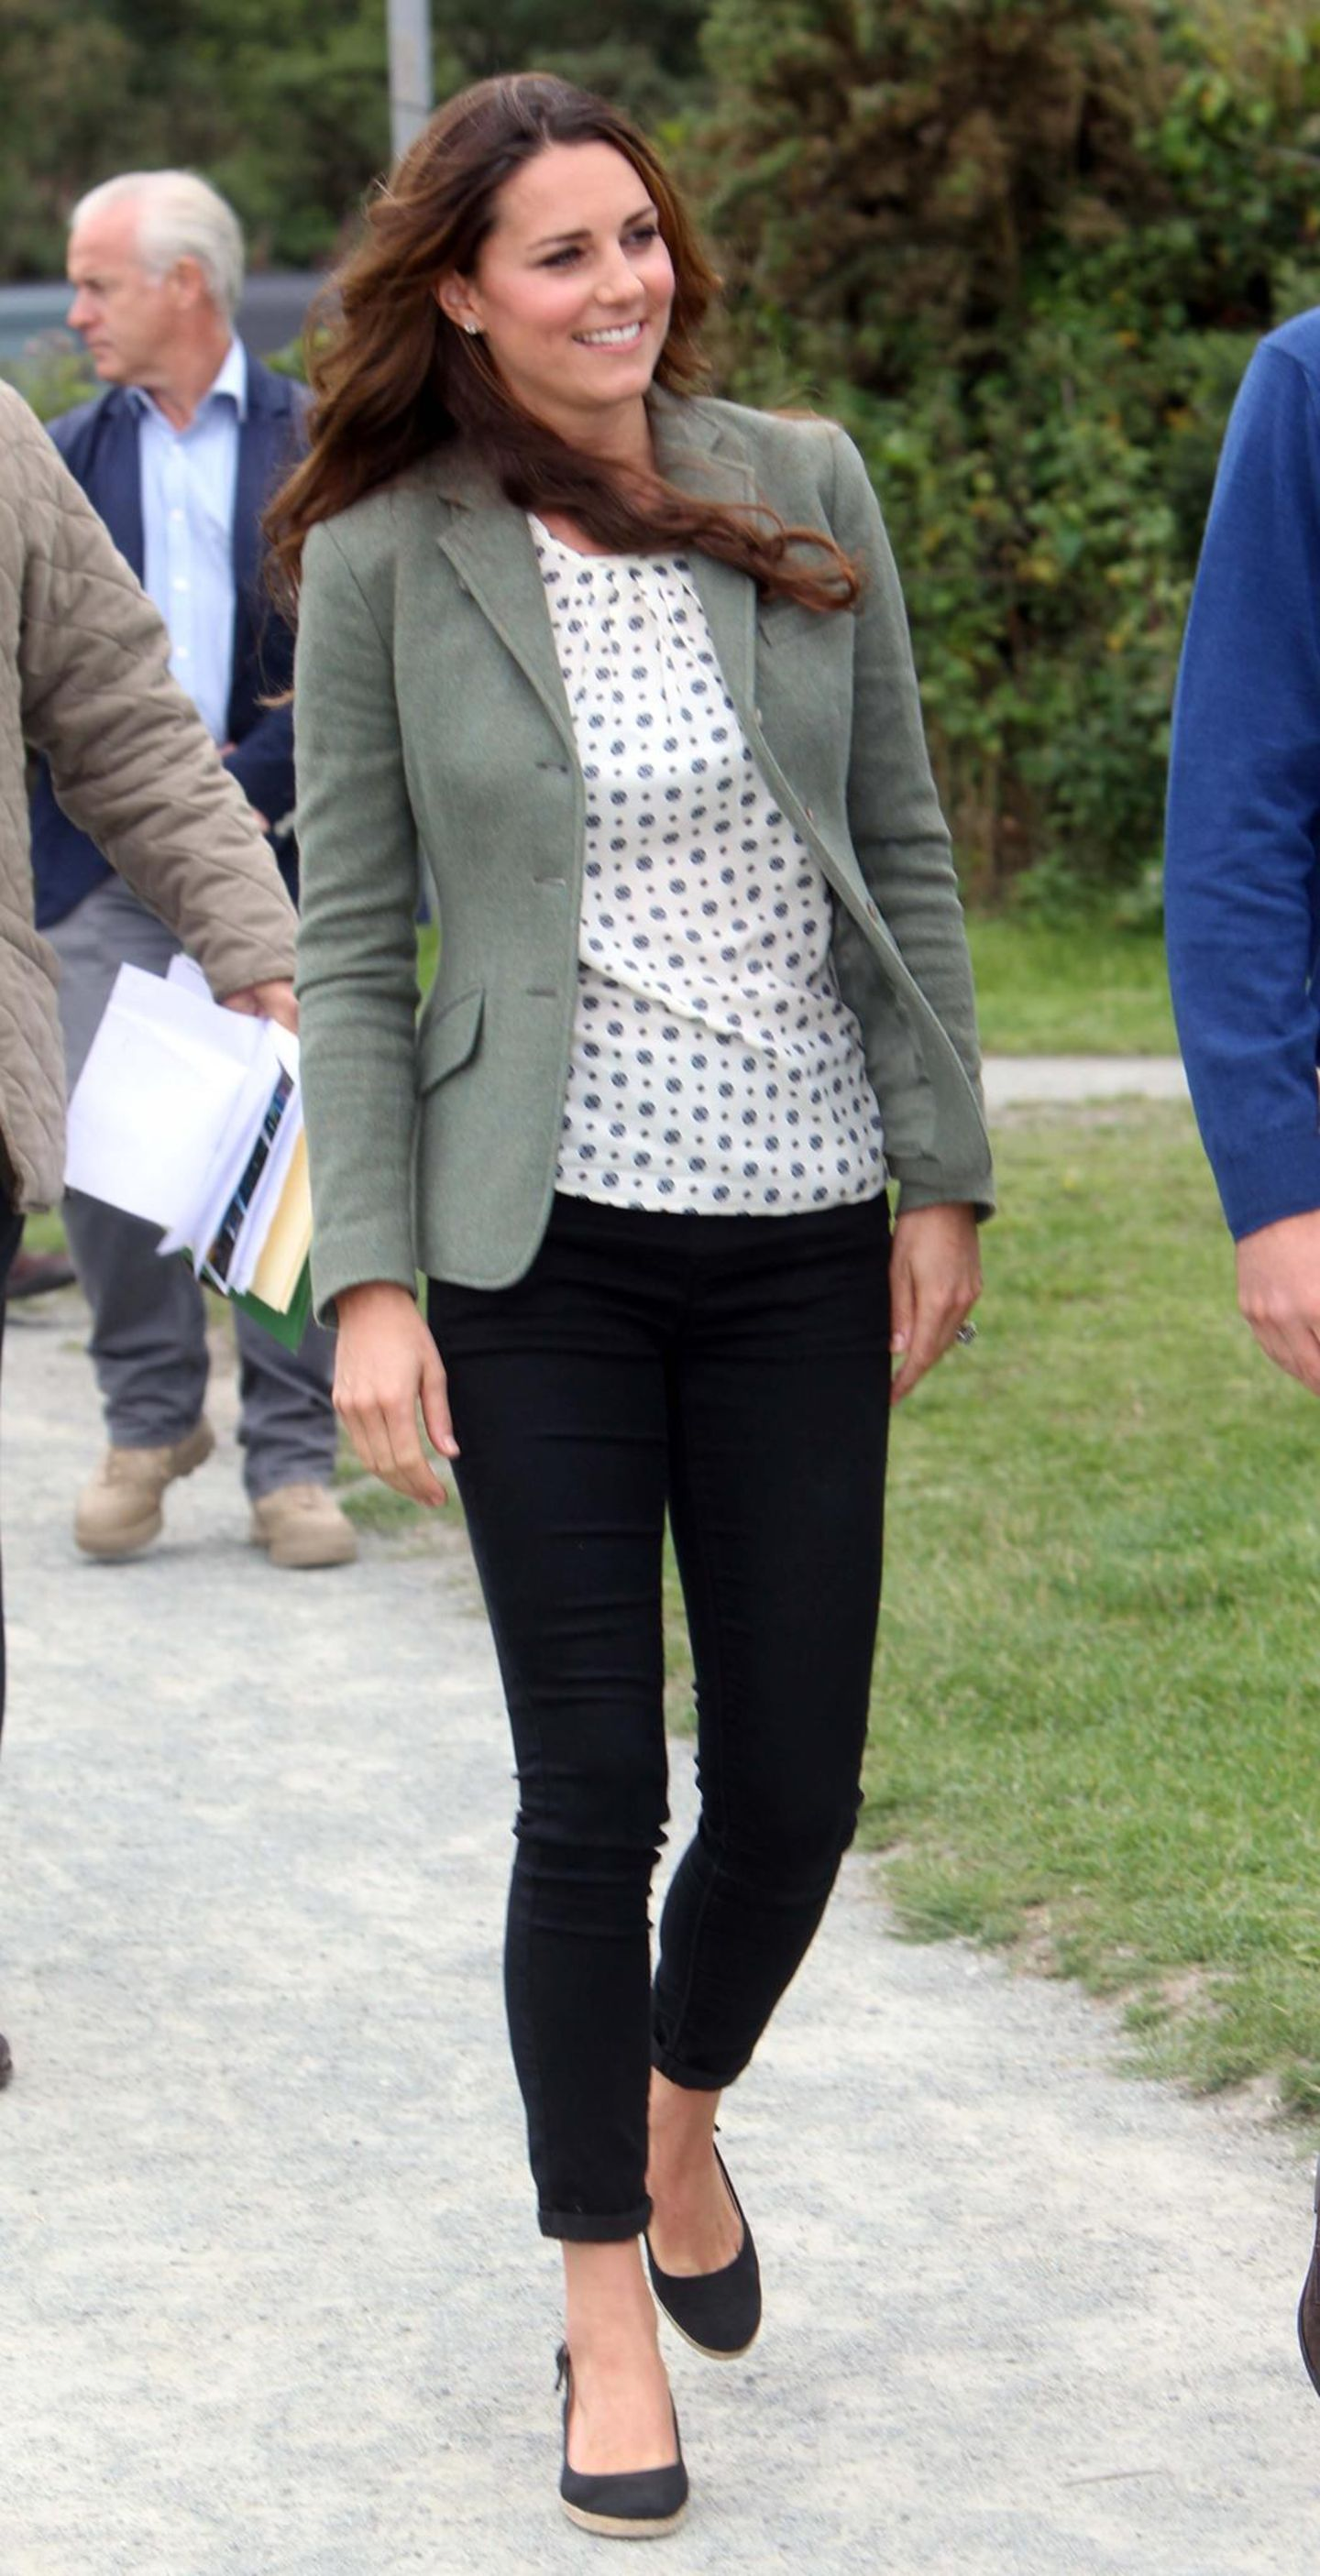 Während unsereins derzeit nicht genug von Oversize-Blazern bekommt, besitzt Kate eine beachtliche Anzahl an taillierten Modellen. Der Grund: Sie kommen niemals aus der Mode und passen sich perfekt jeder Gelegenheit an. Ob zum süßen Blümchenkleid oder zur sportlichen Jeans – ein taillierter Blazer pimpt jeden Look im Handumdrehen auf Business. Wer seinem Outfit noch eine Extraportion Style verpassen möchte, der greift zu einem etwas längeren Blazer oder einem zweireihigen Modell und shoppt die Ärmel leicht hoch.